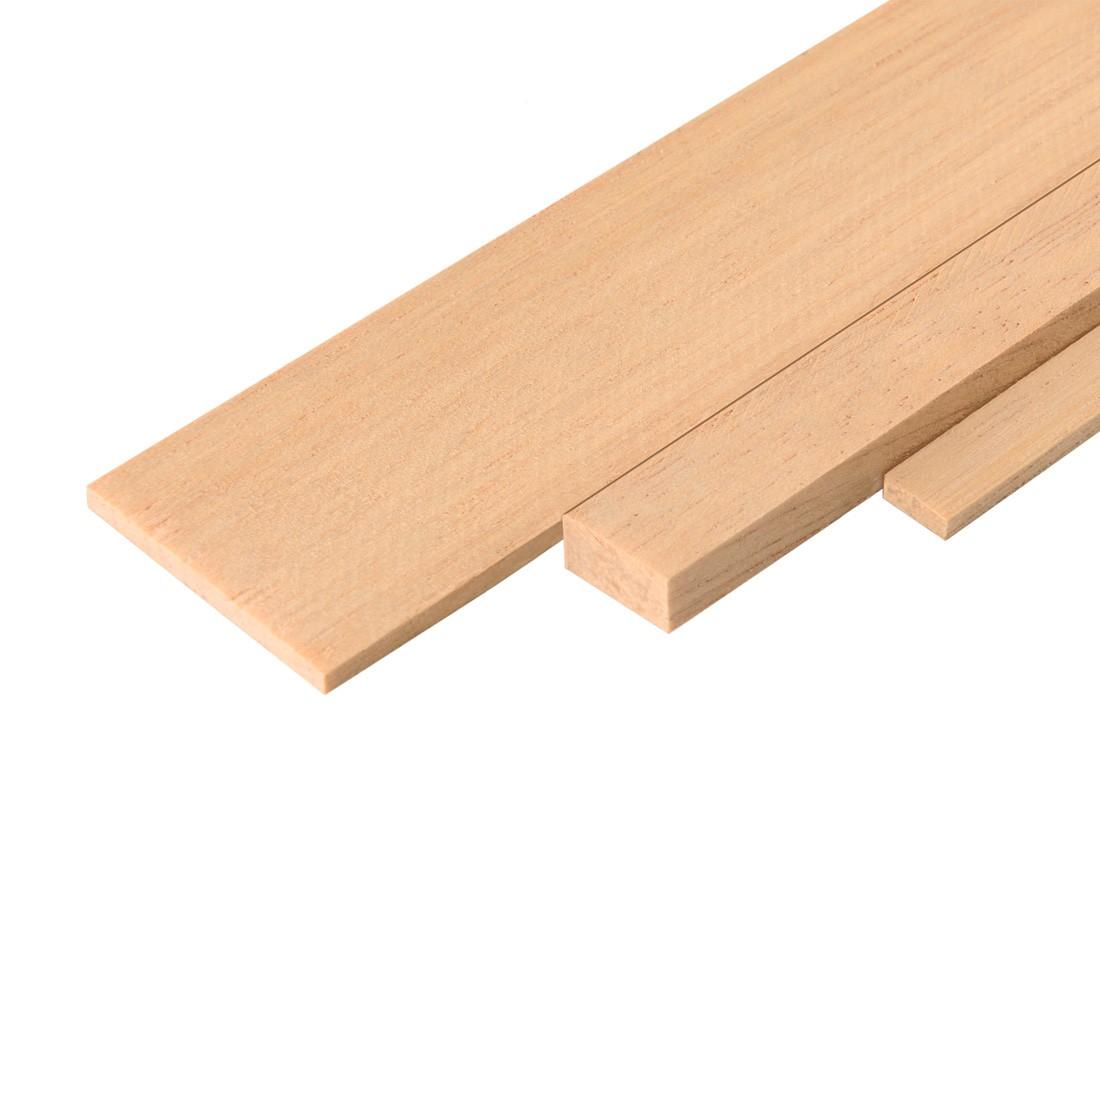 Ramin wood strip mm.5x15